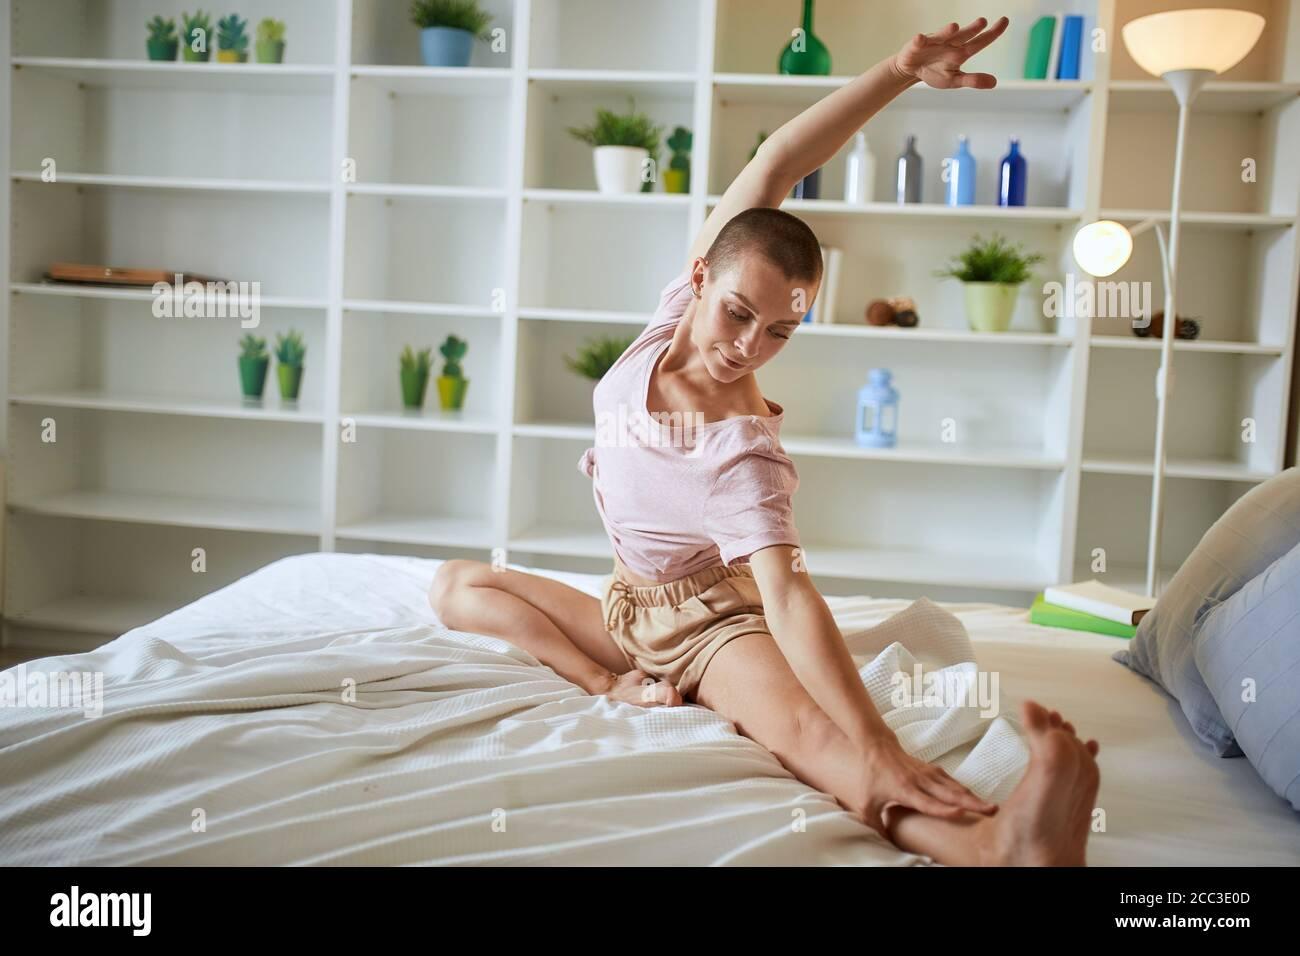 Affascinante e smilng donna fitness in pigiama a fare gli esercizi a casa sul letto. Uno stile di vita sano concetto Foto Stock